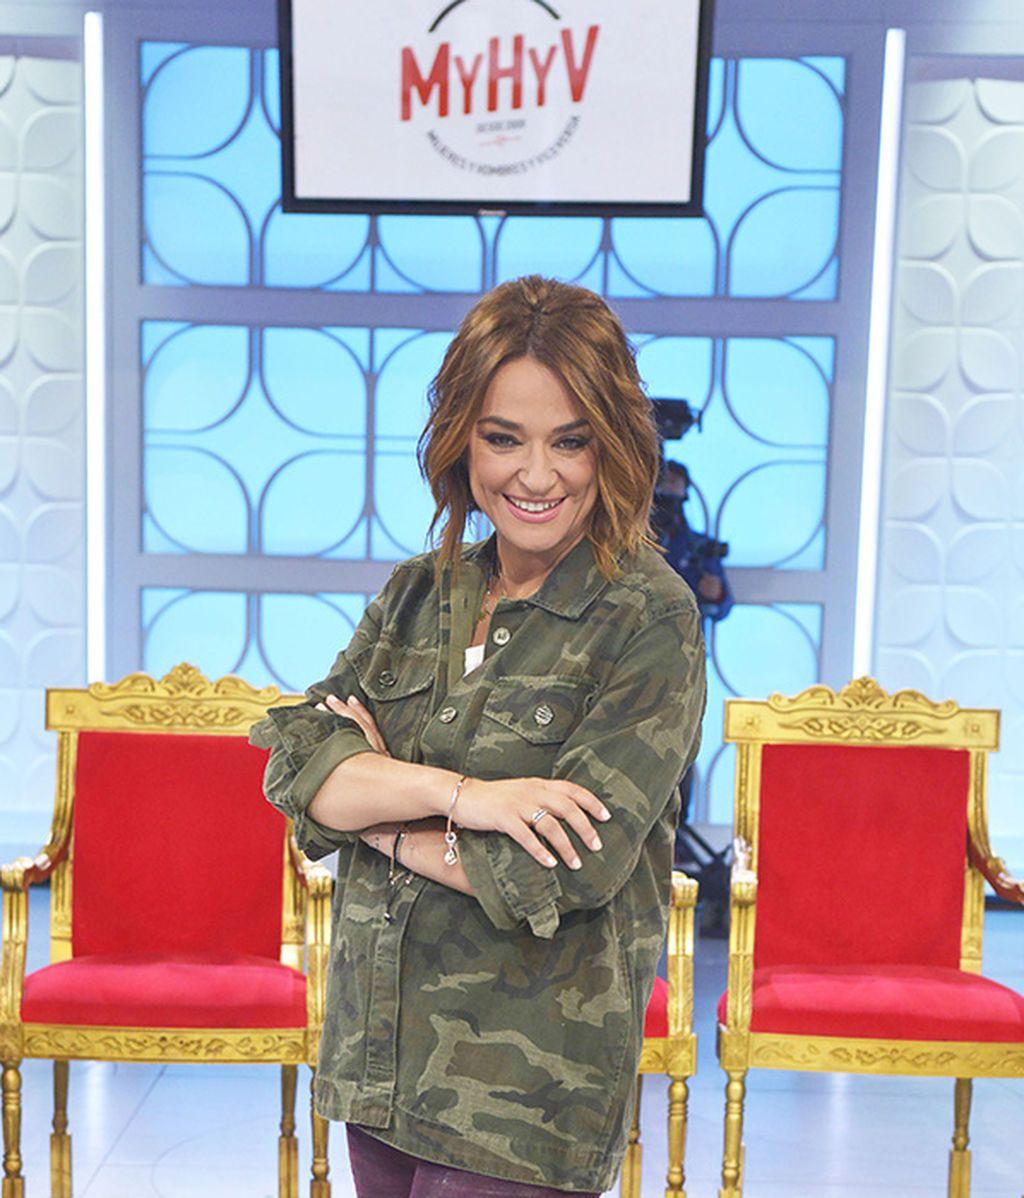 Toñi Moreno, junto al trono de MYHYV